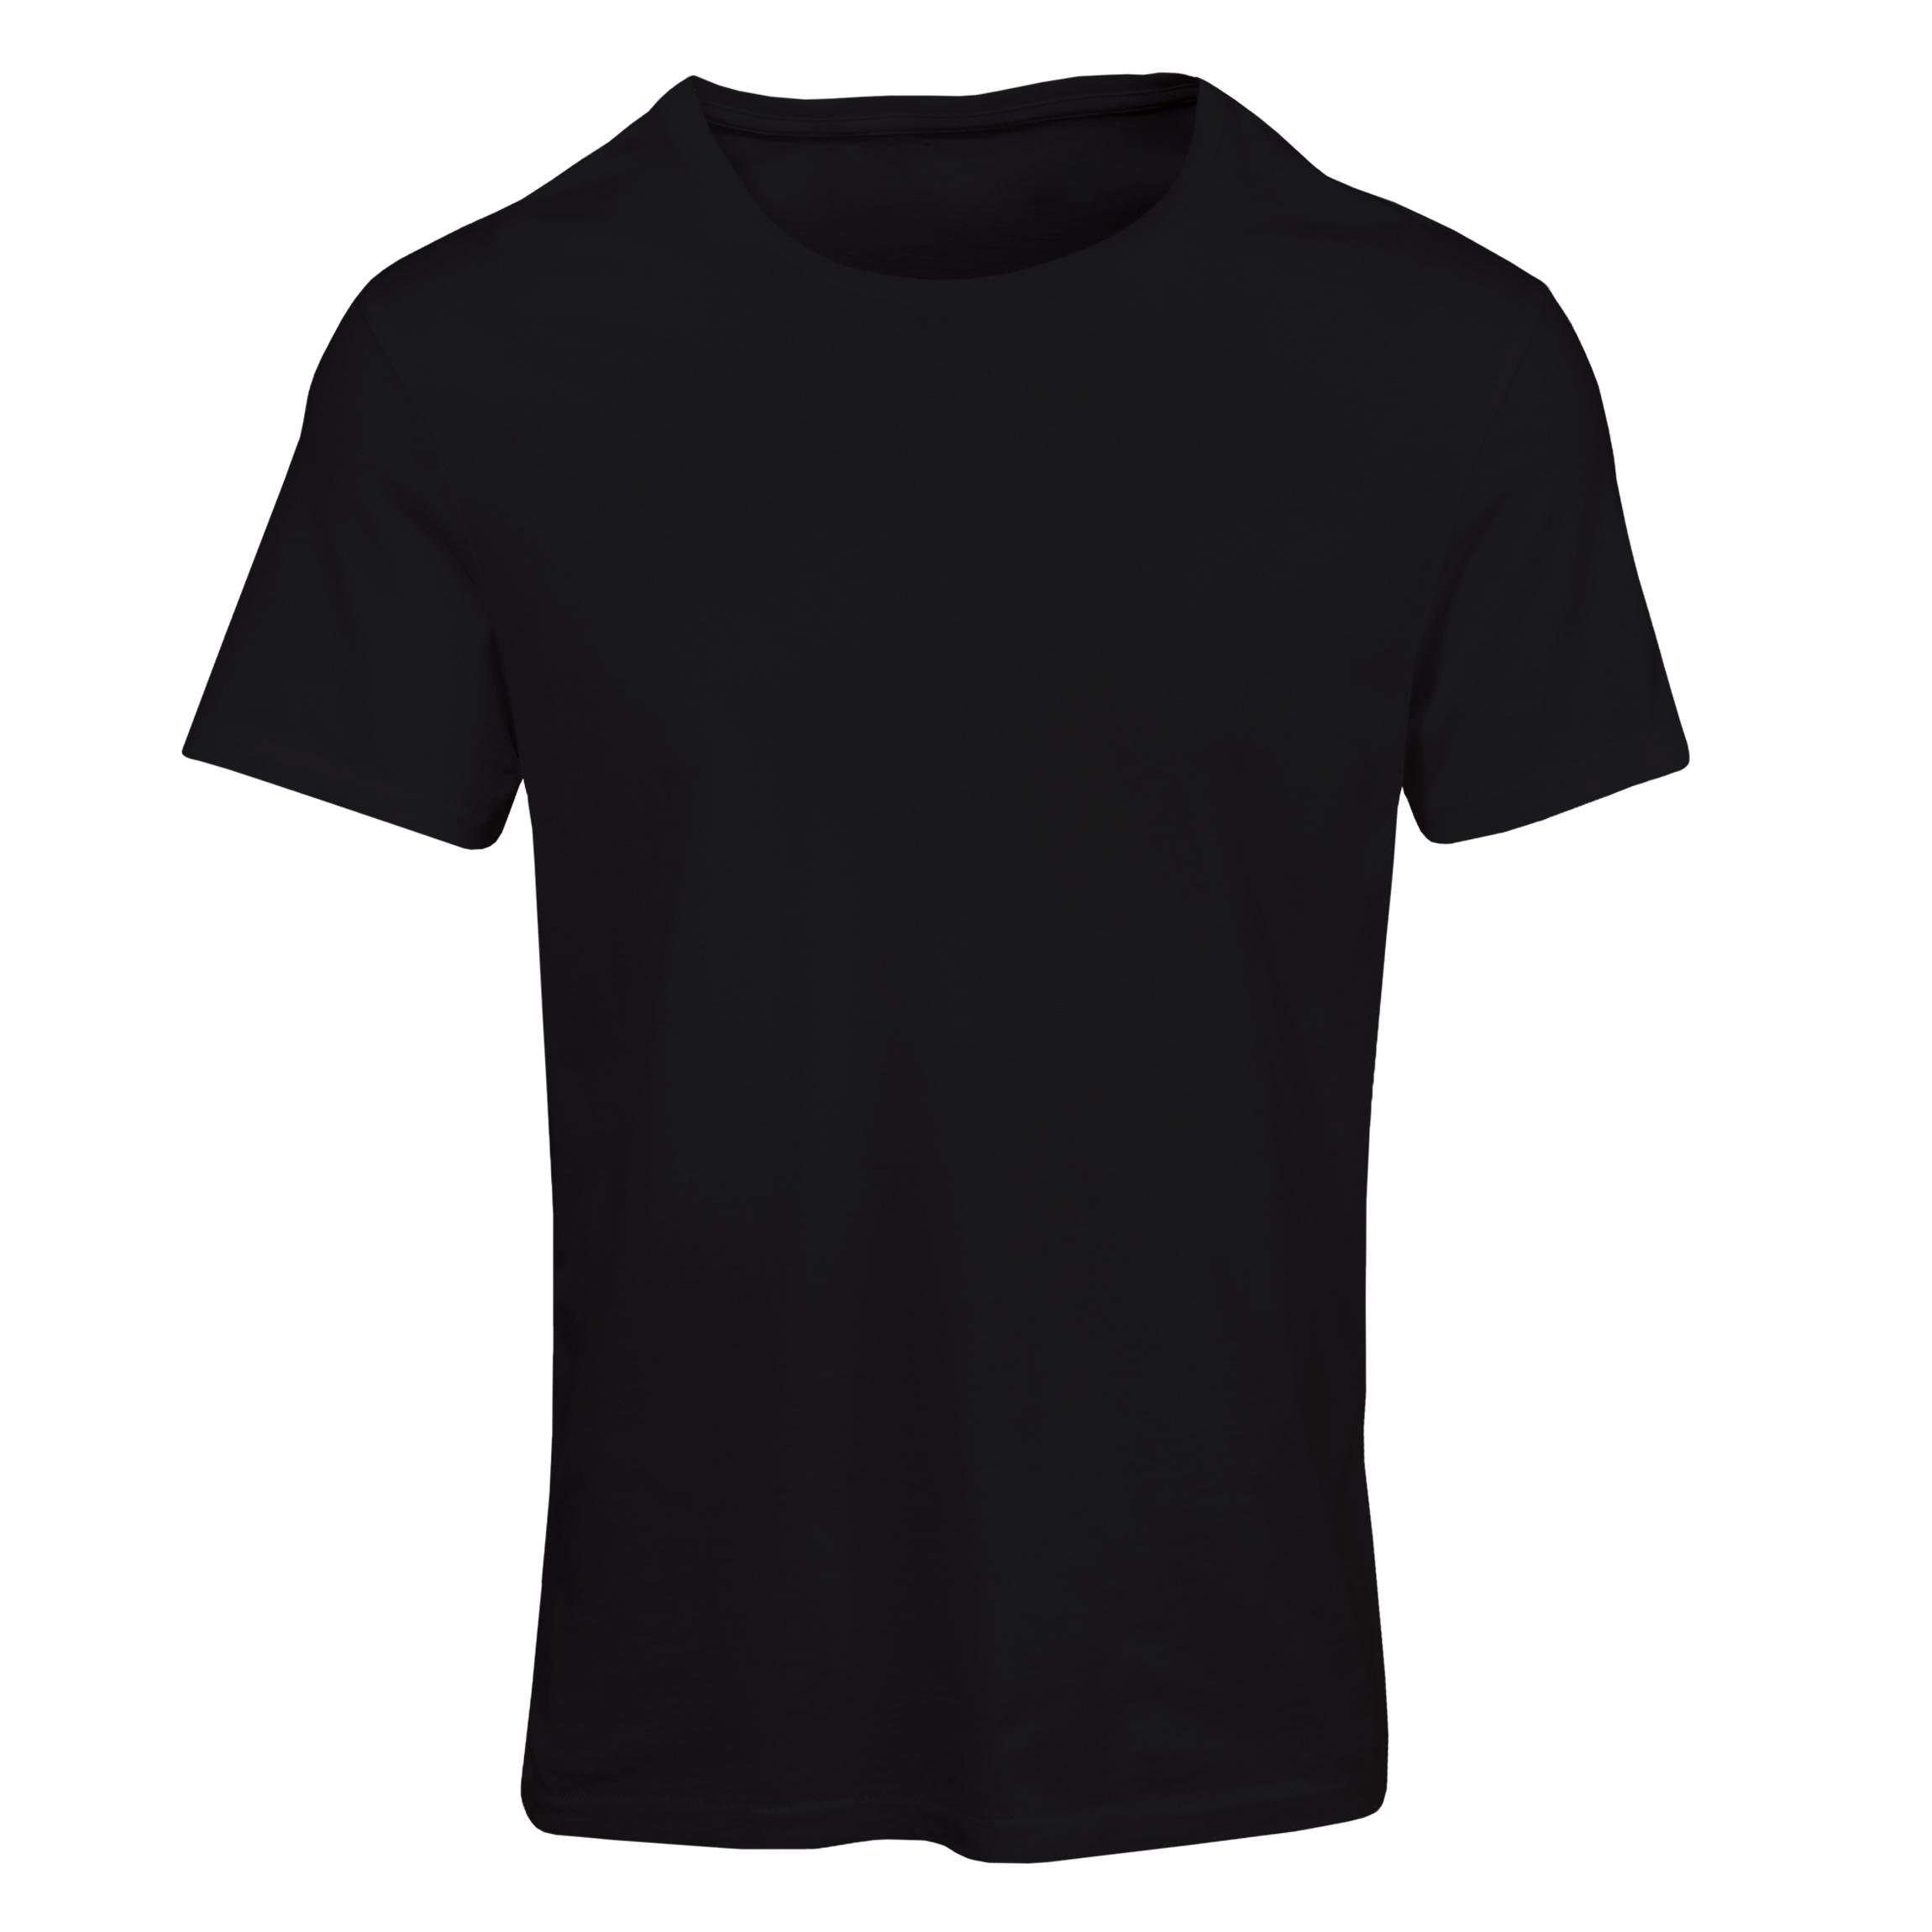 تیشرت آستین کوتاه مردانه کد SB228 رنگ مشکی